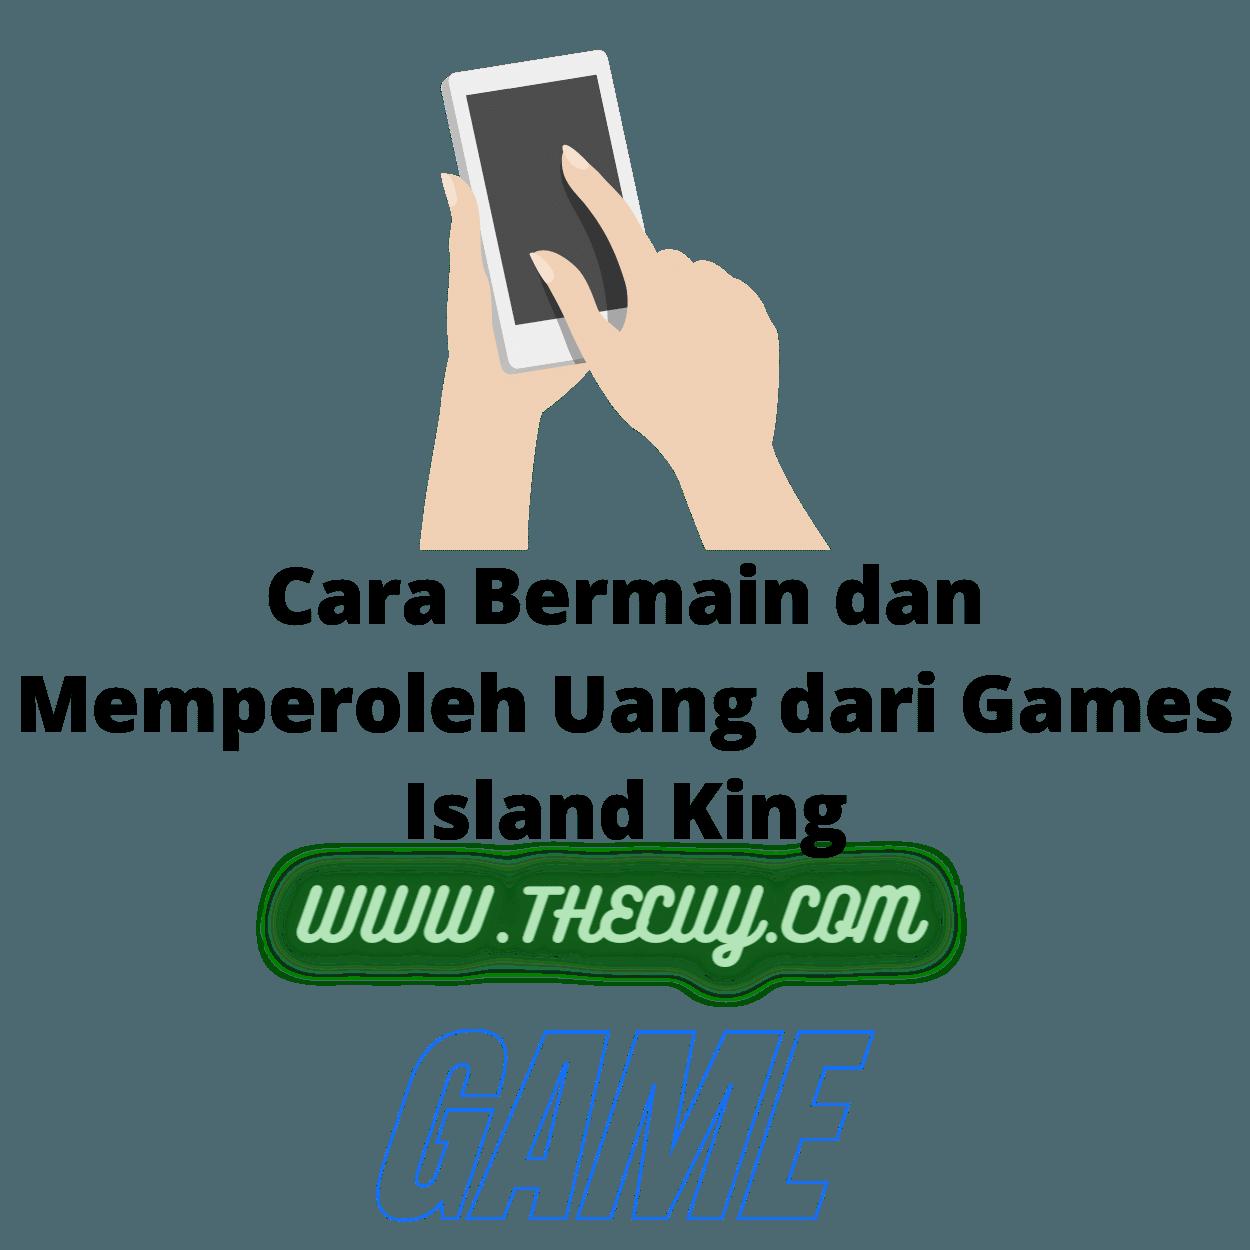 Cara Bermain dan Memperoleh Uang dari Games Island King